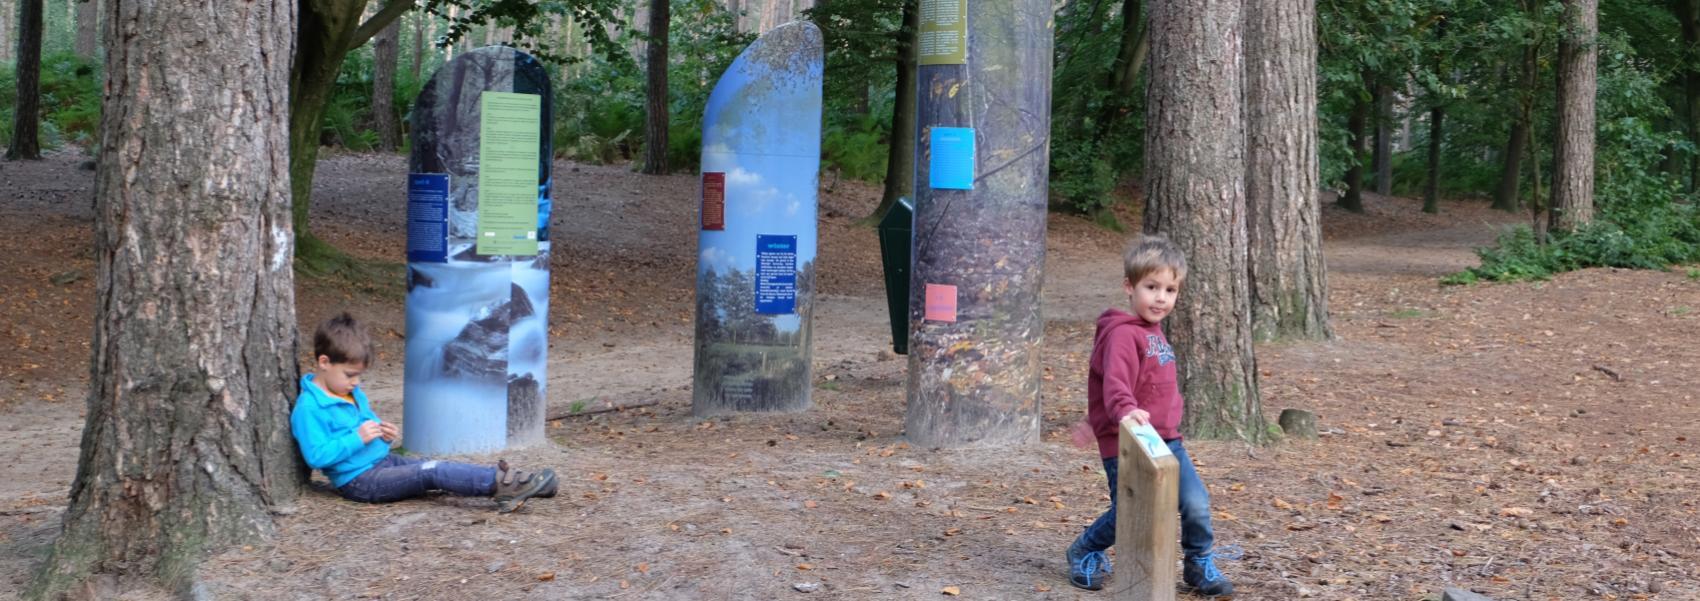 kinderen bij speelzuilen in het bos